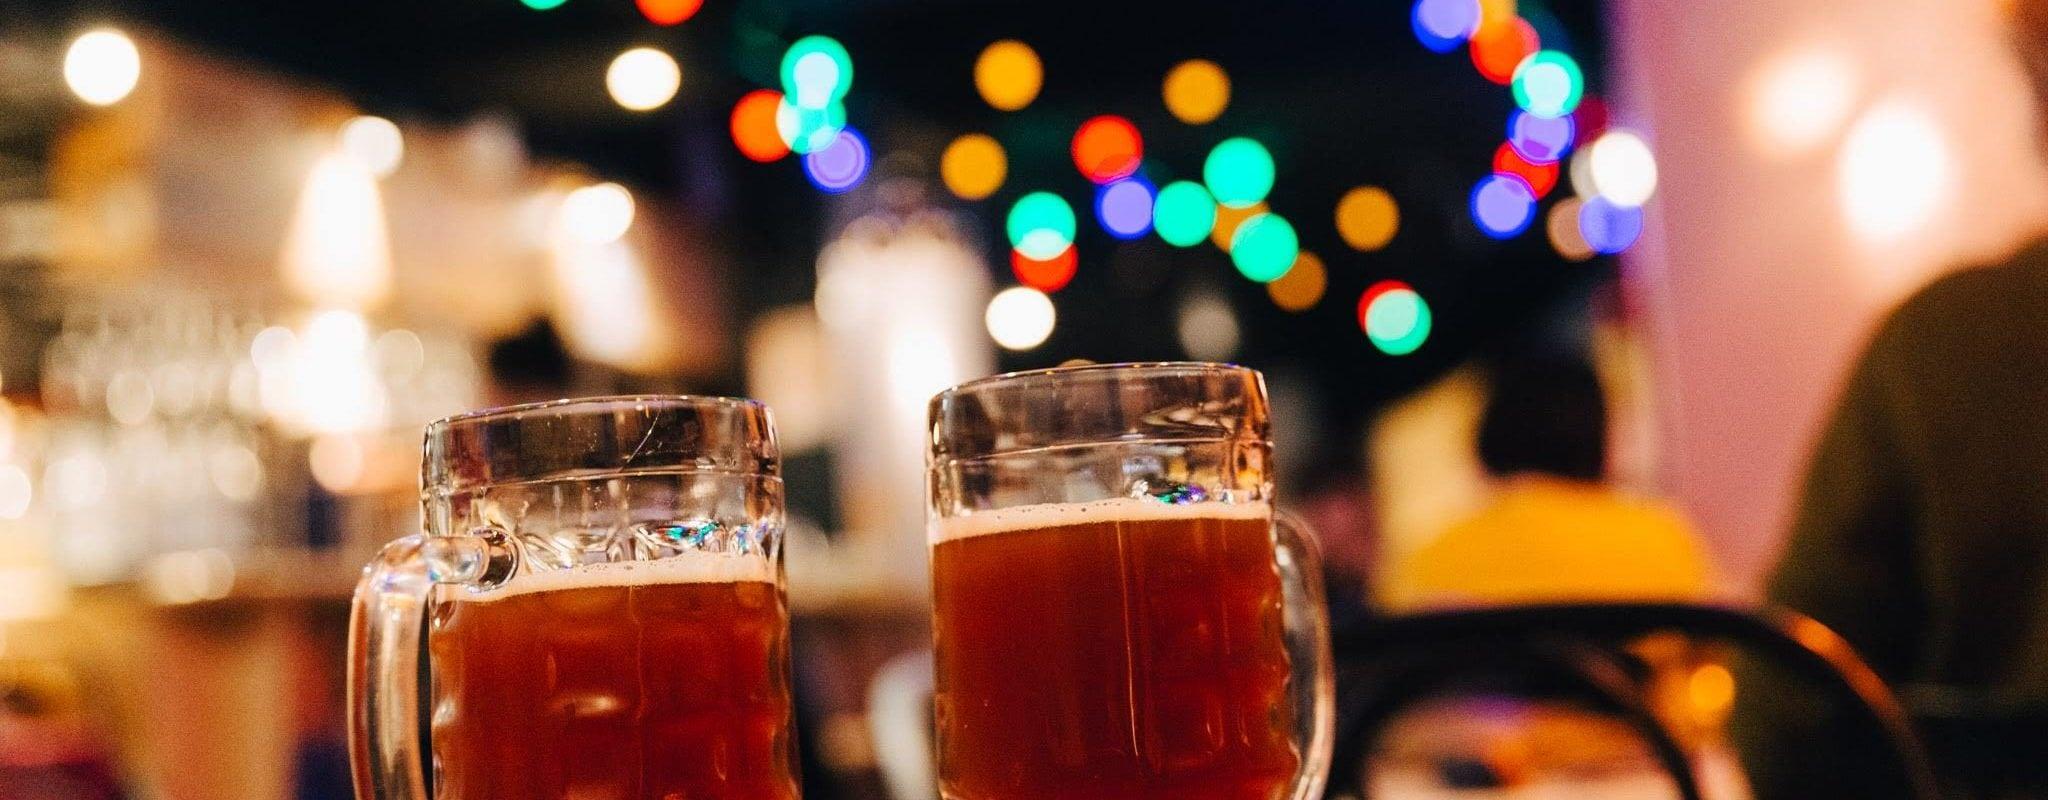 À Strasbourg, la nuit craint les verres piégés au GHB